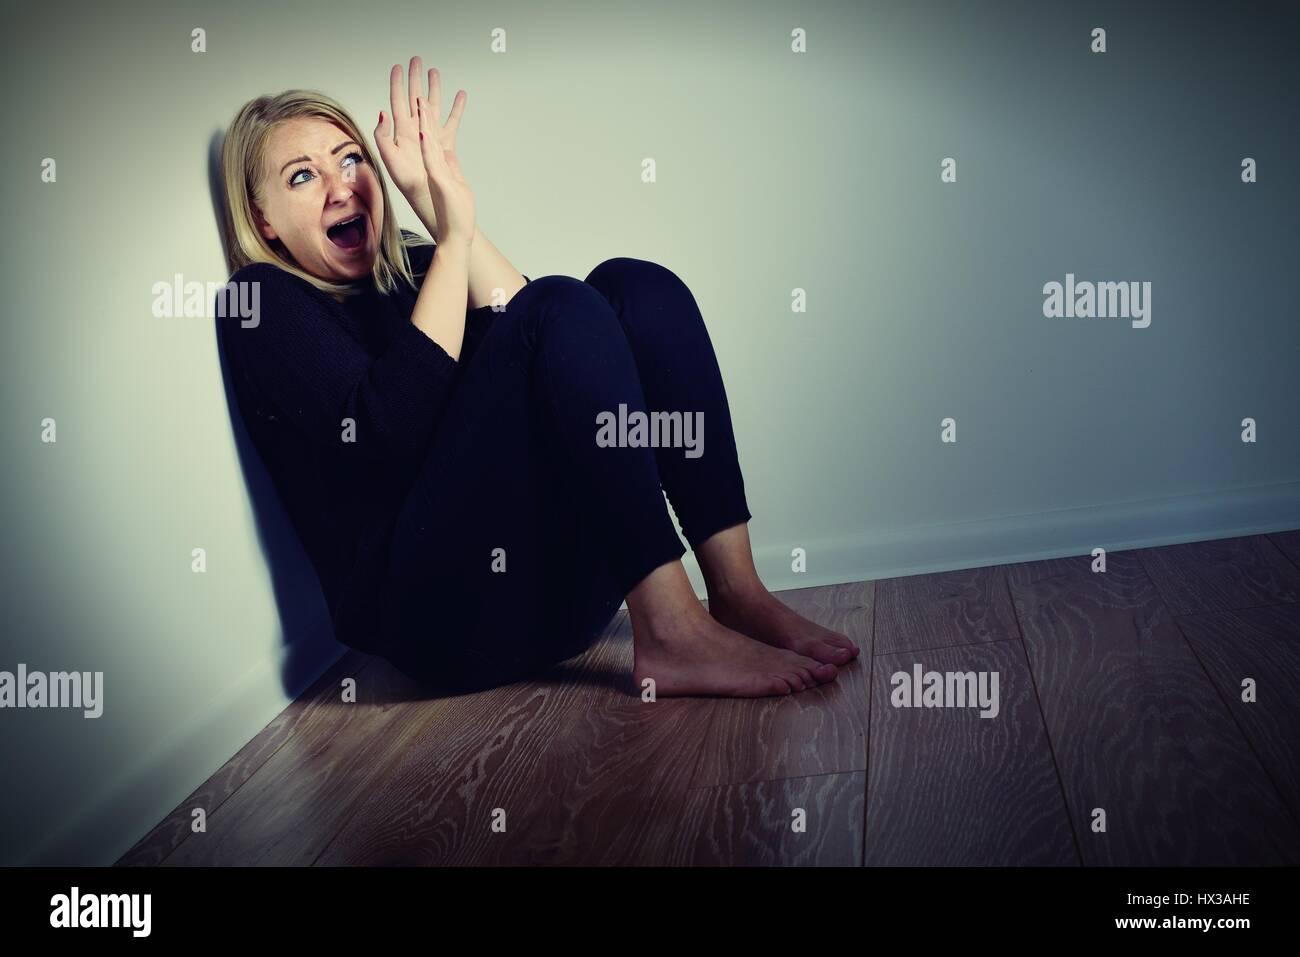 Miedo de la mujer. Miedo y gritando. Foto de stock